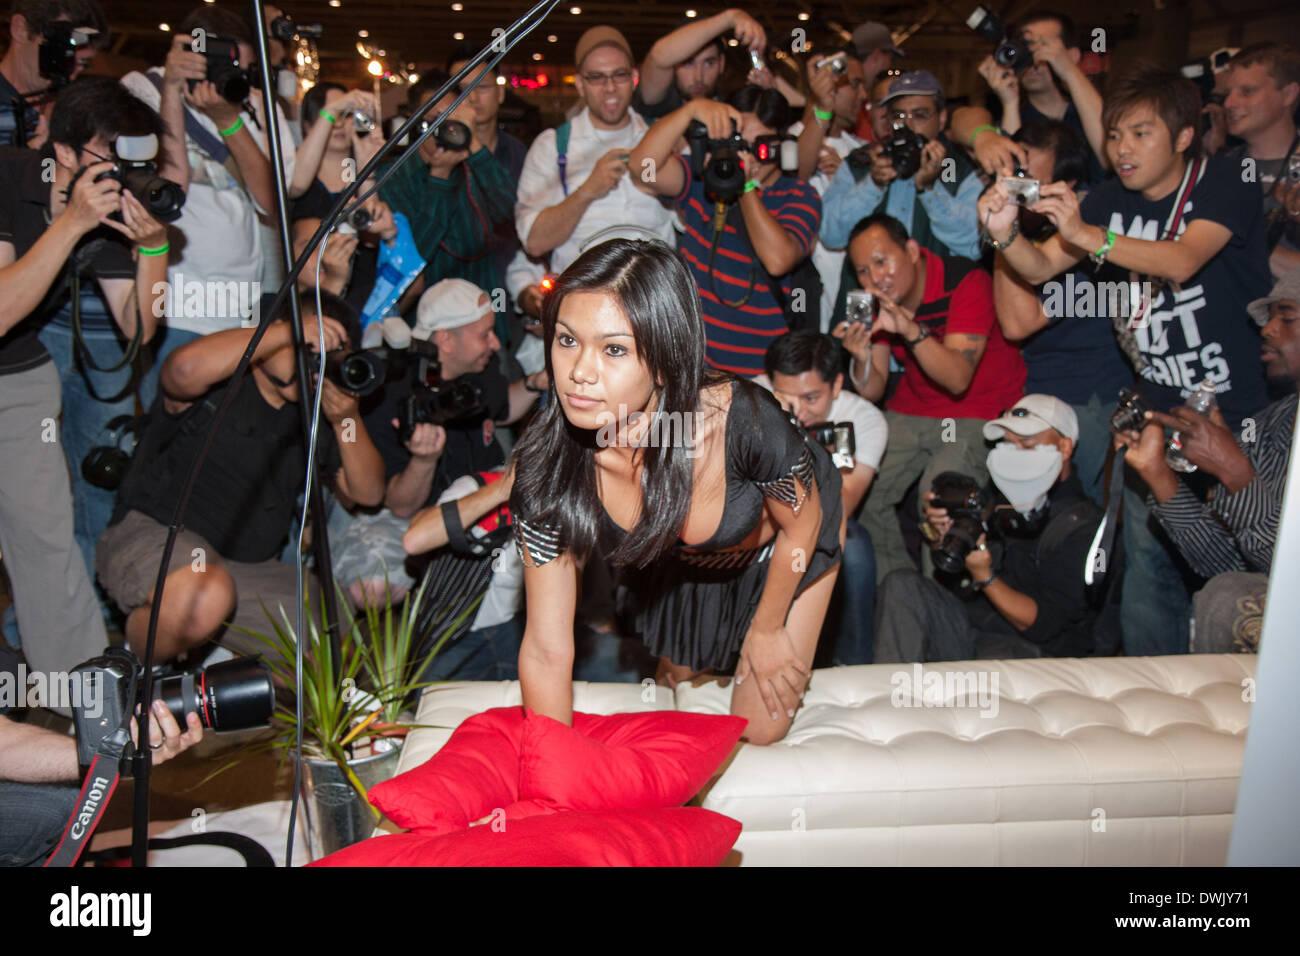 Paparazzi loni Legend nude photos 2019